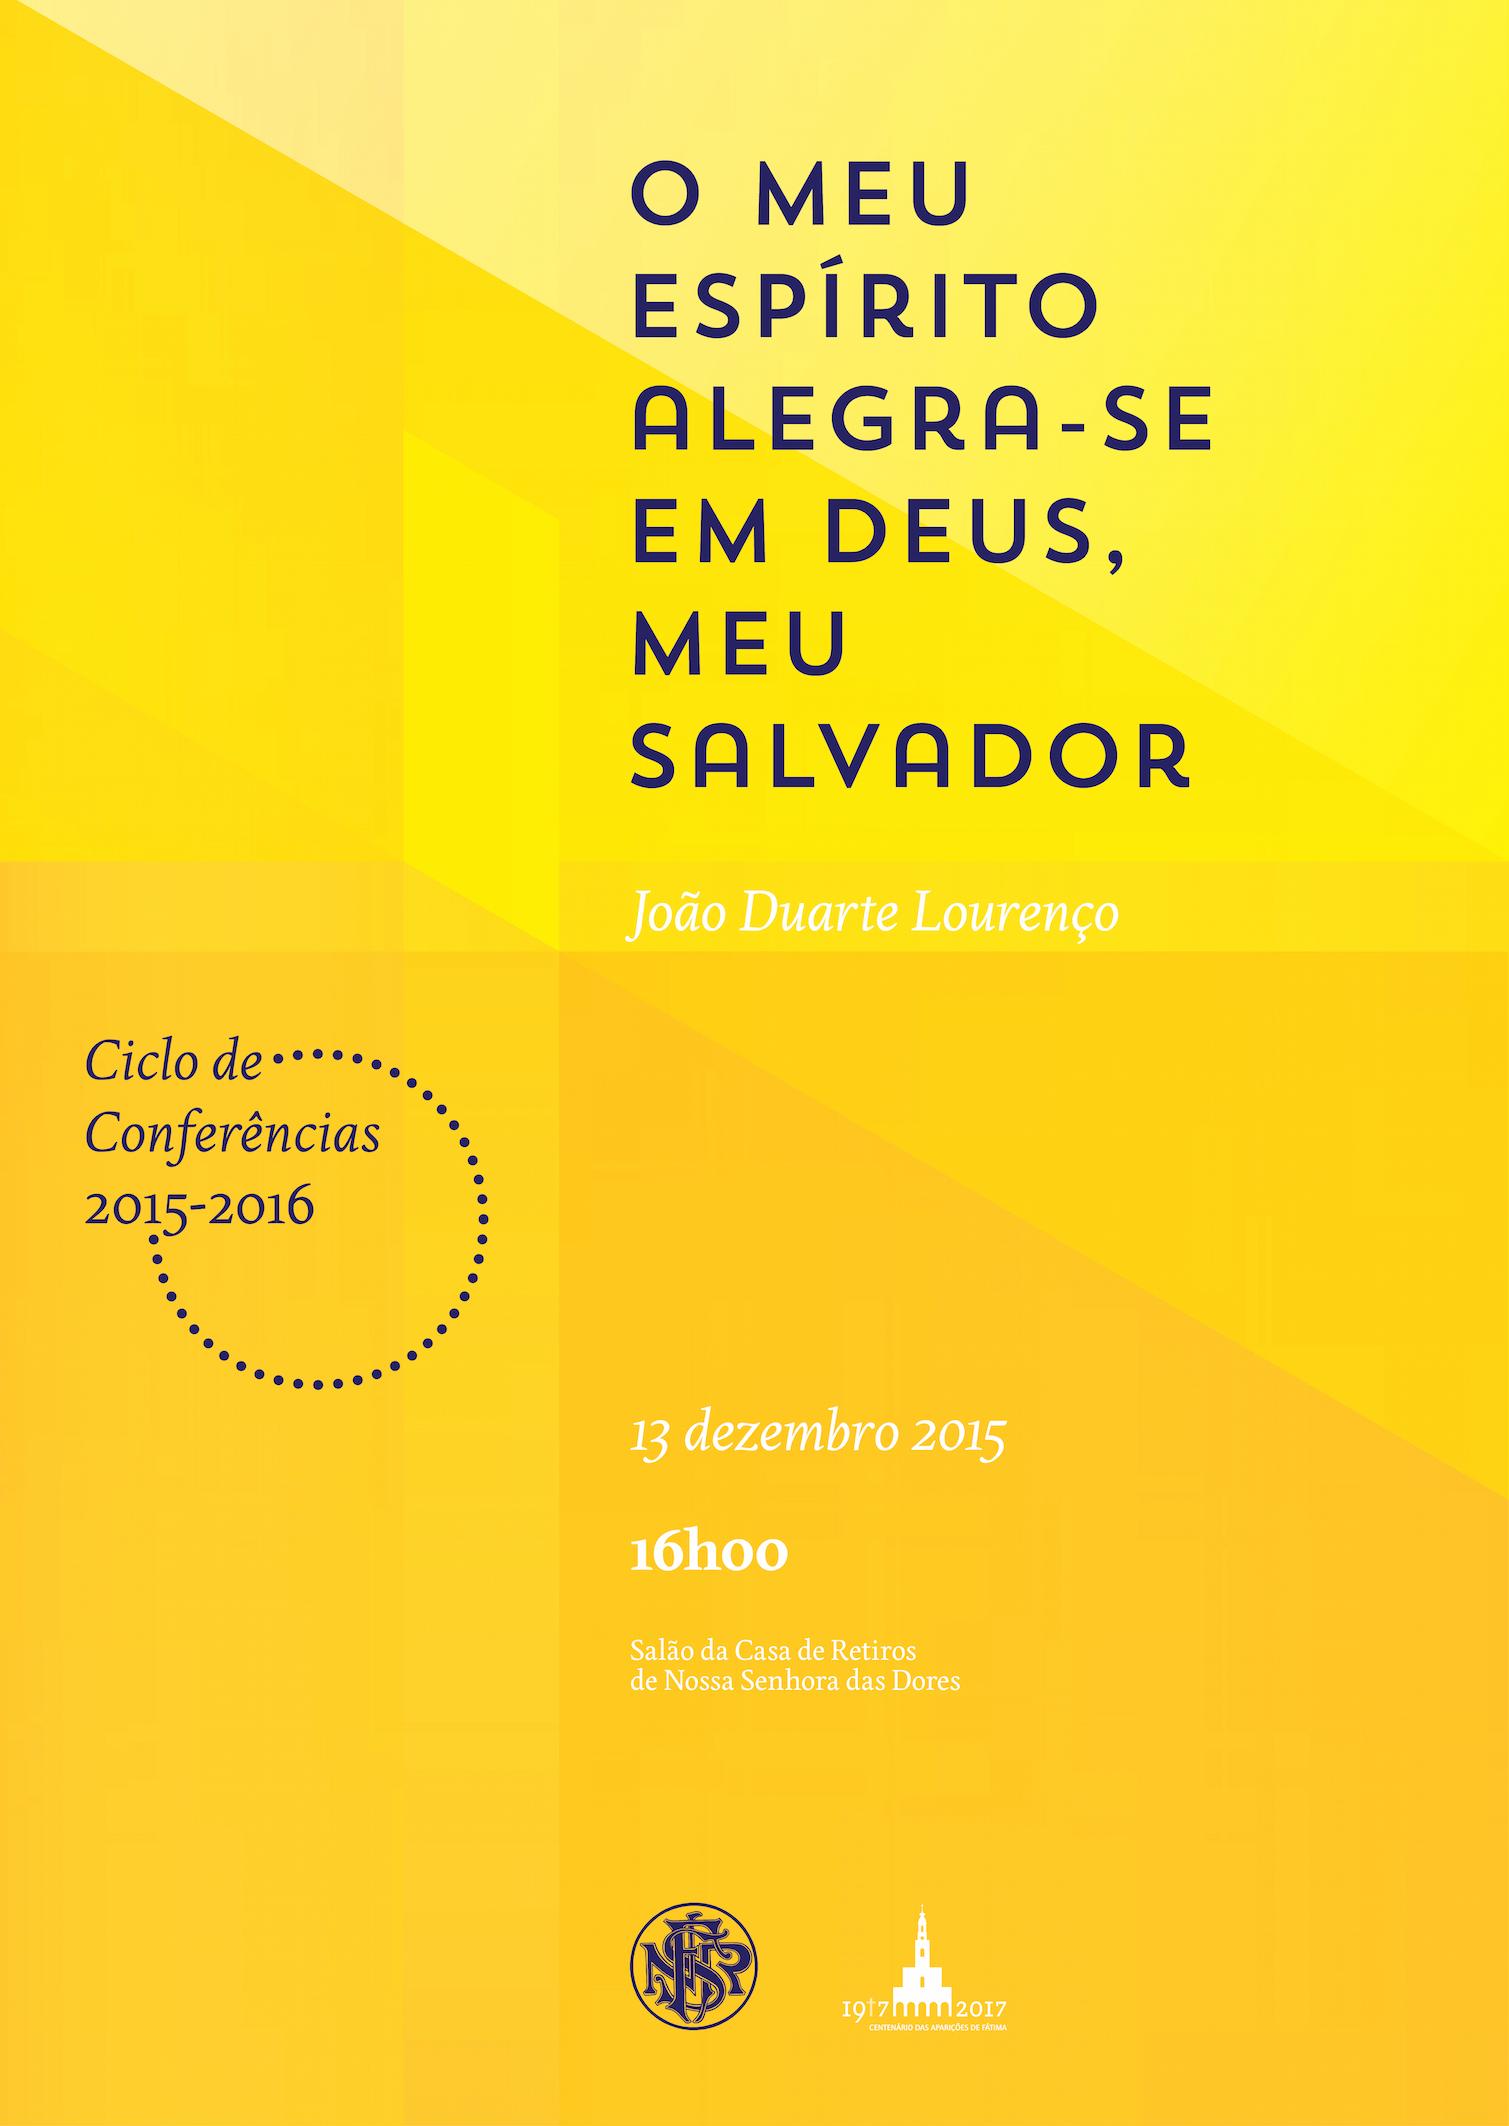 Conferencias 6_2015-12.jpg